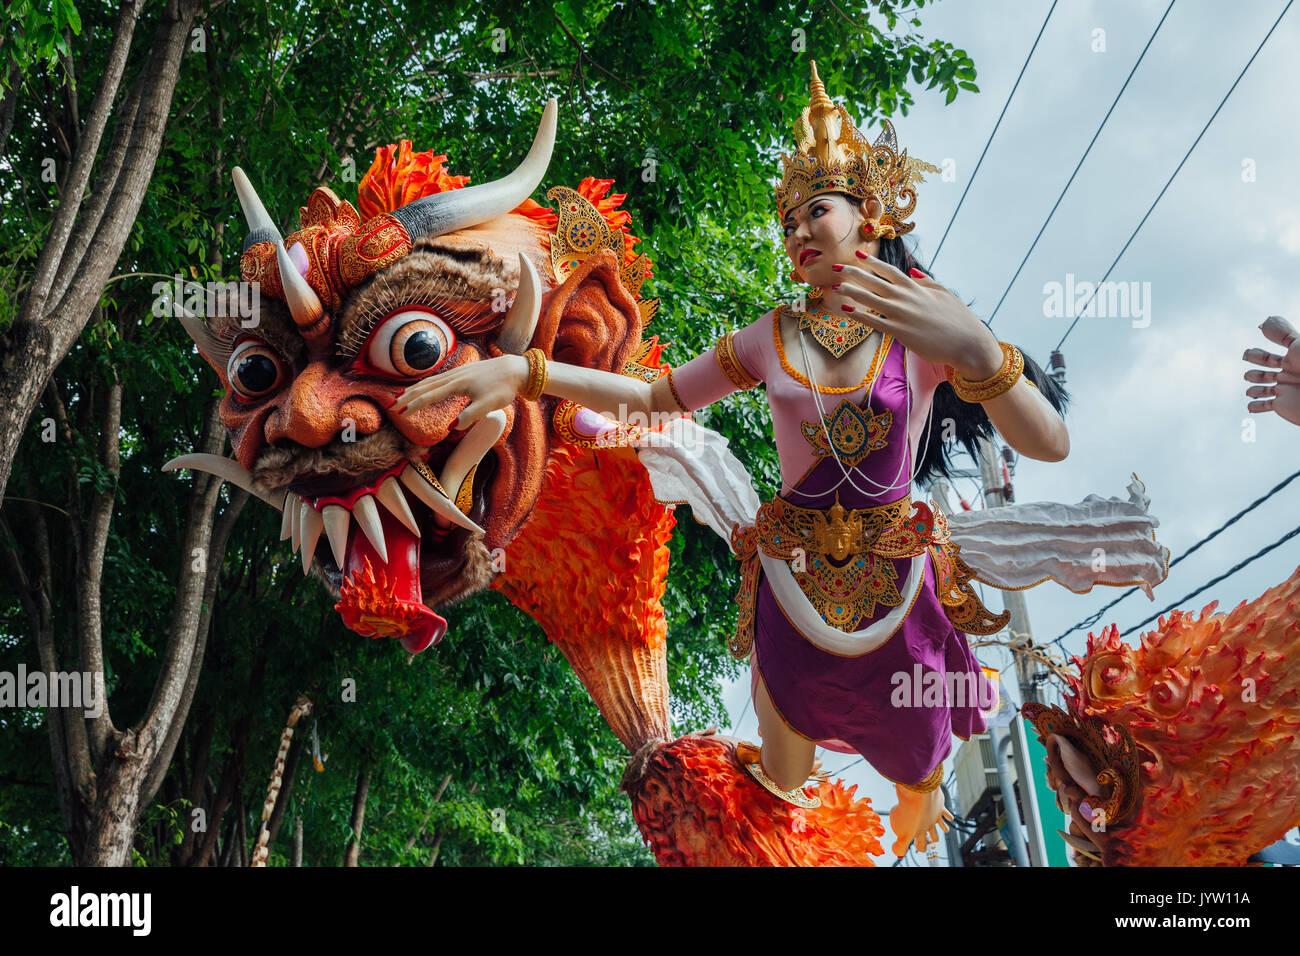 Bali, Indonesia - Marzo 08, 2016: Ogoh-Ogoh estatuas en el desfile durante las celebraciones de Año Nuevo Balinés en Marzo 08, 2016 en Bali, Indonesia. Imagen De Stock